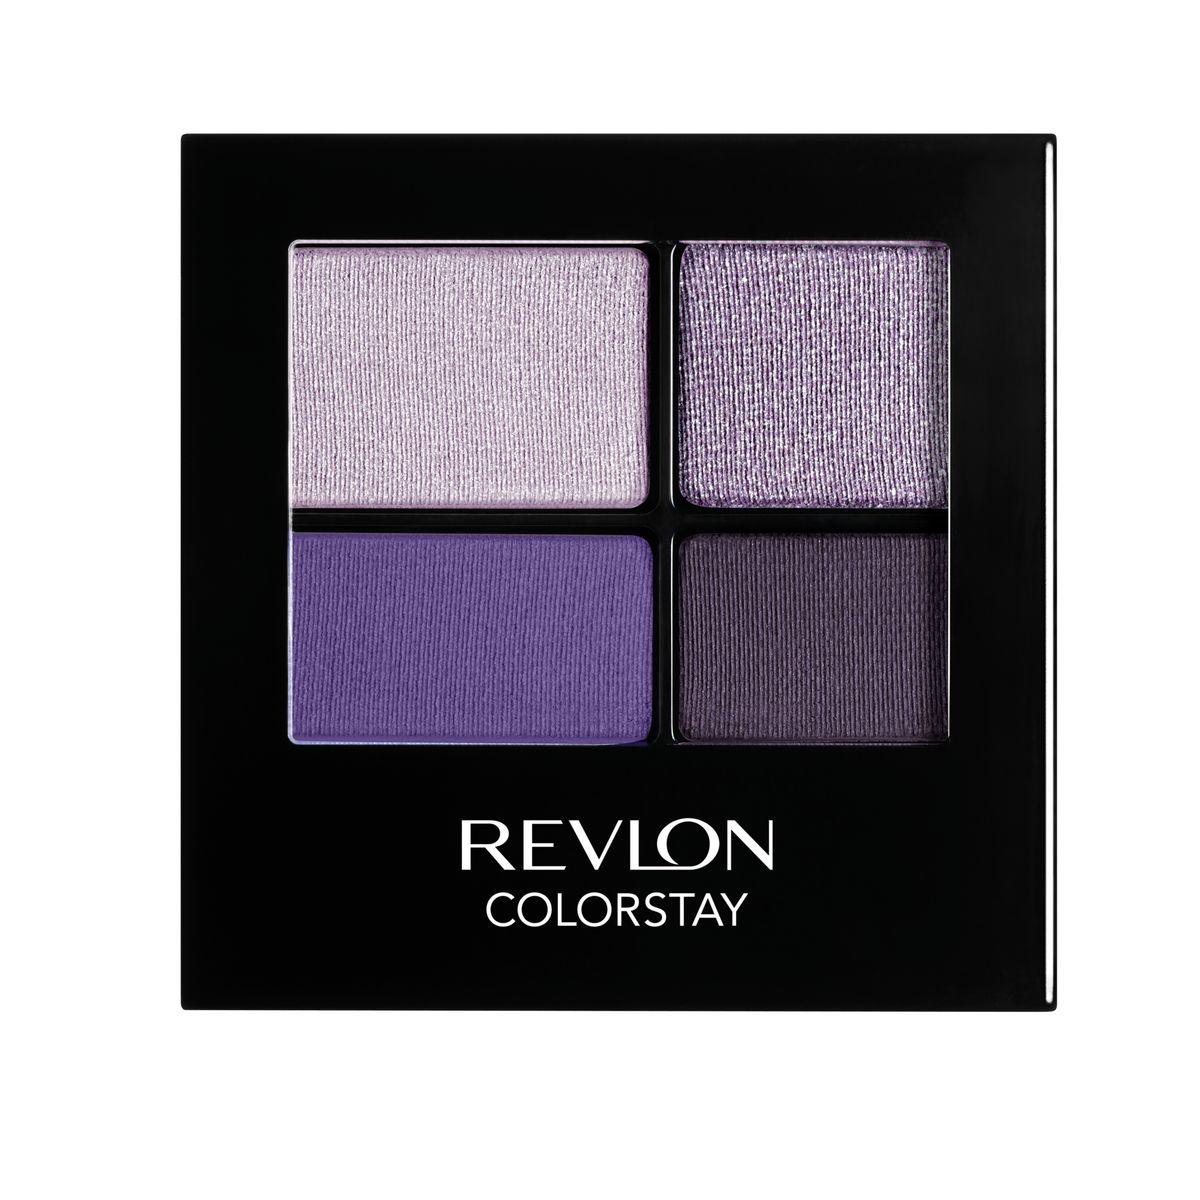 Revlon Тени для Век Четырехцветные Colorstay Eye16 Hour Eye Shadow Quad Seductive 530 42 г7210767007Colorstay 16 Hour Shadow - роскошные тени для век с шелковистой текстурой и невероятно стойкой формулой. Теперь ваш макияж сохранит свой безупречный вид не менее 16 часов! Все оттенки гармонично сочетаются друг с другом и легко смешиваются, позволяя создать бесконечное количество вариантов макияжа глаз: от нежных, естественных, едва заметных до ярких, выразительных, драматических. На оборотной стороне продукта приведена схема нанесения теней.